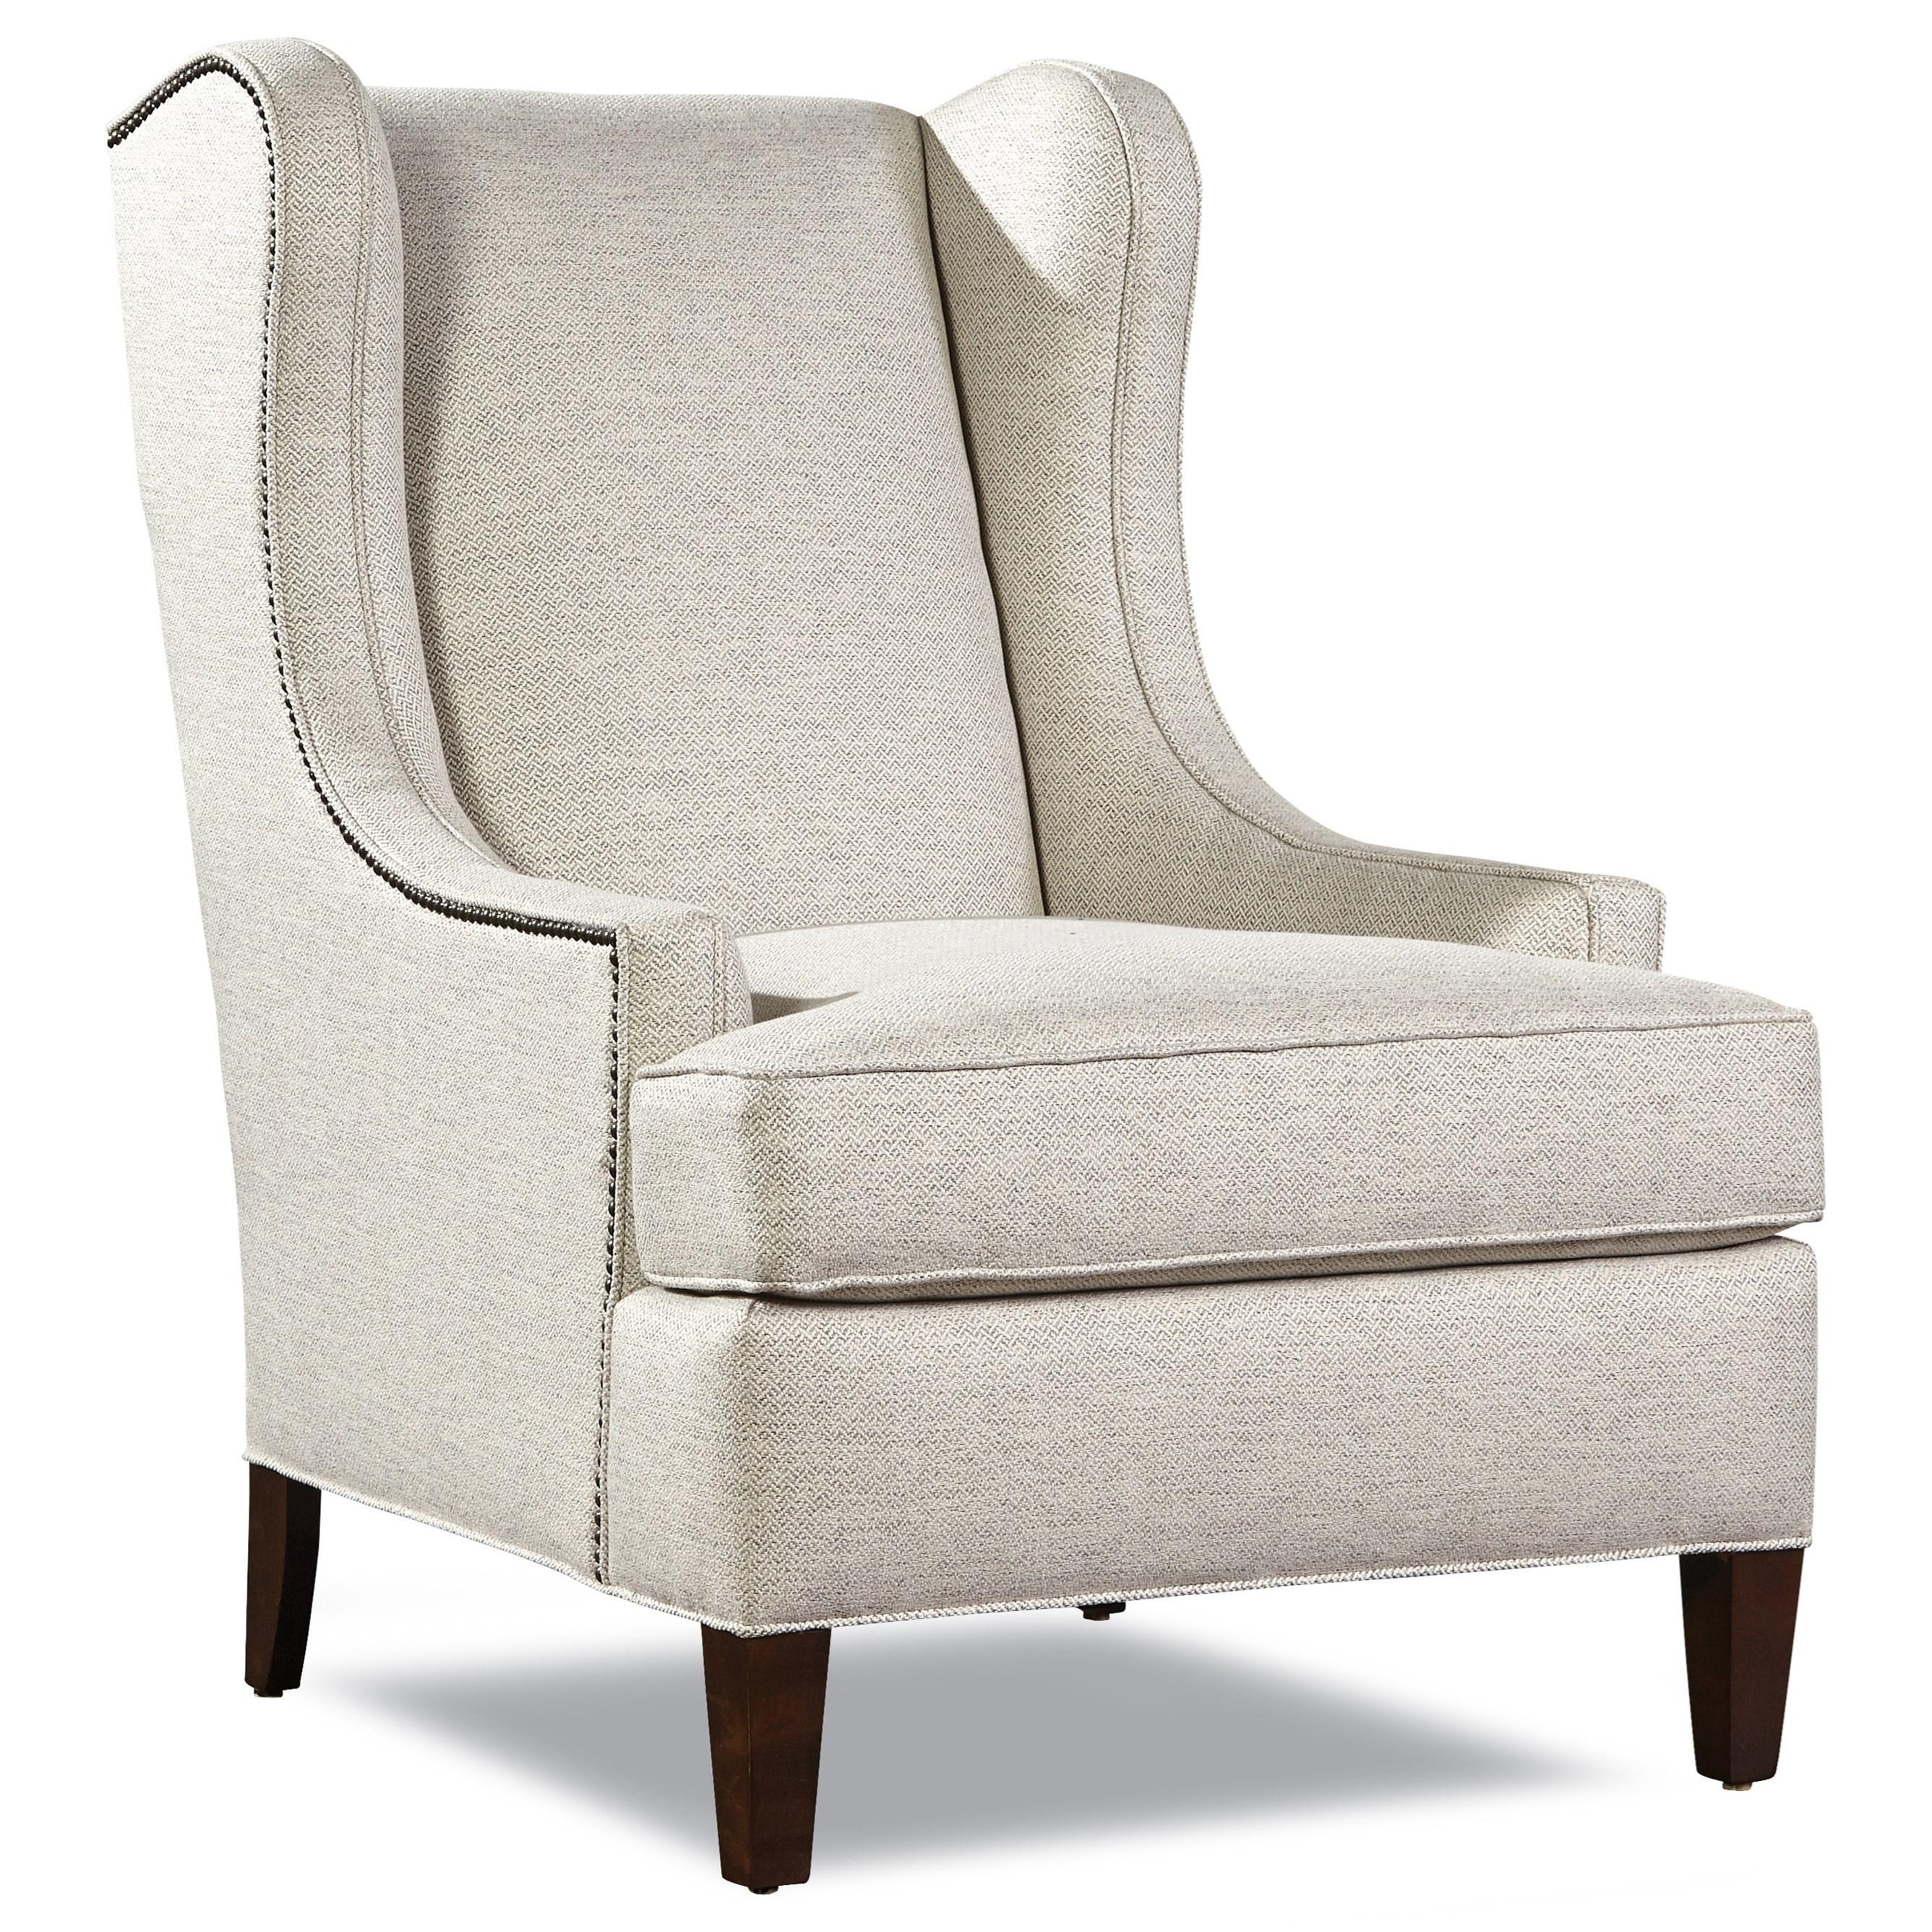 7735 Wing Chair by Geoffrey Alexander at Sprintz Furniture